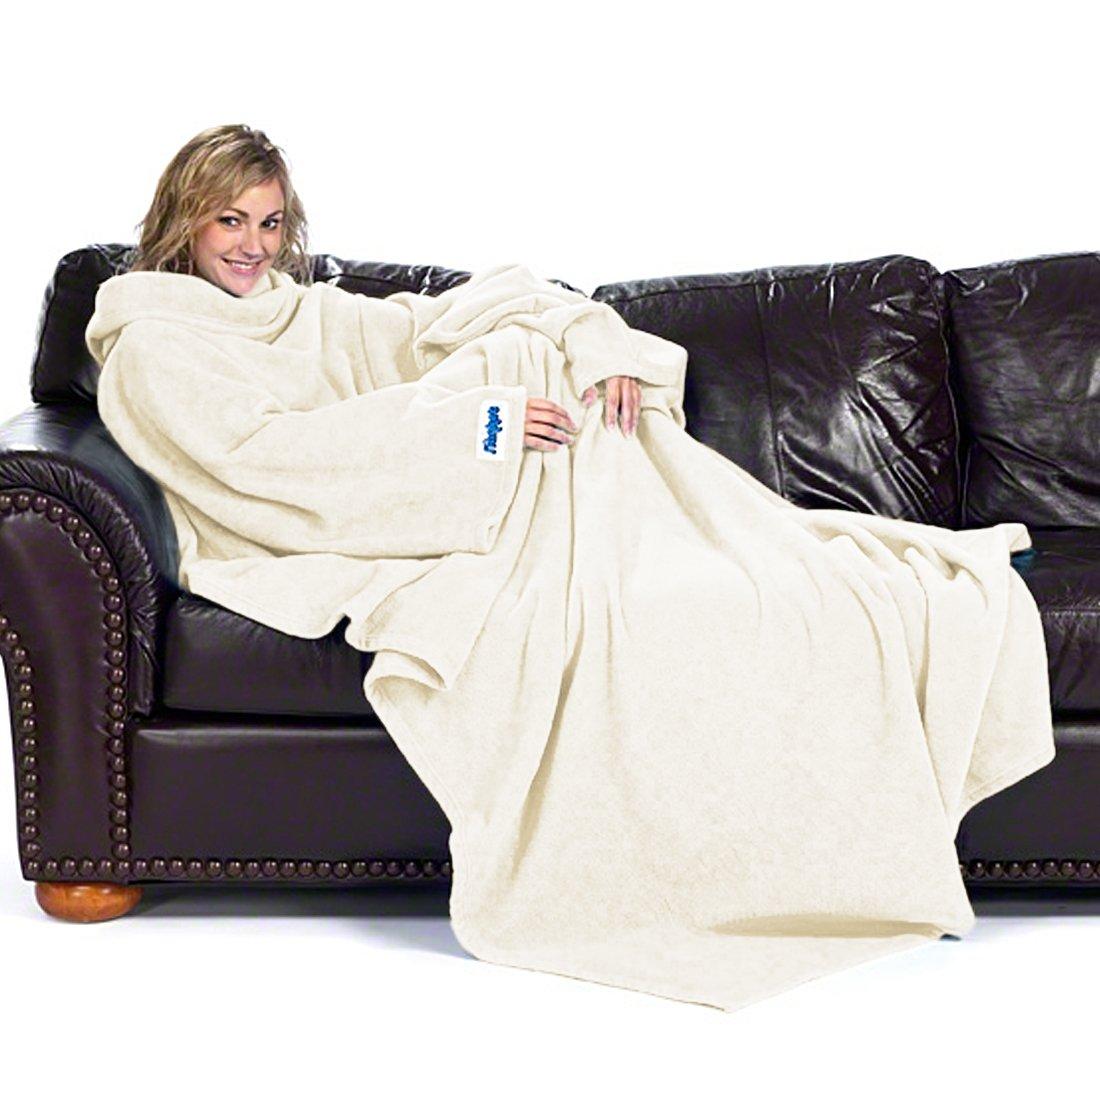 Ultimate Slanket - Cream Sleeved blanket with Sleeves